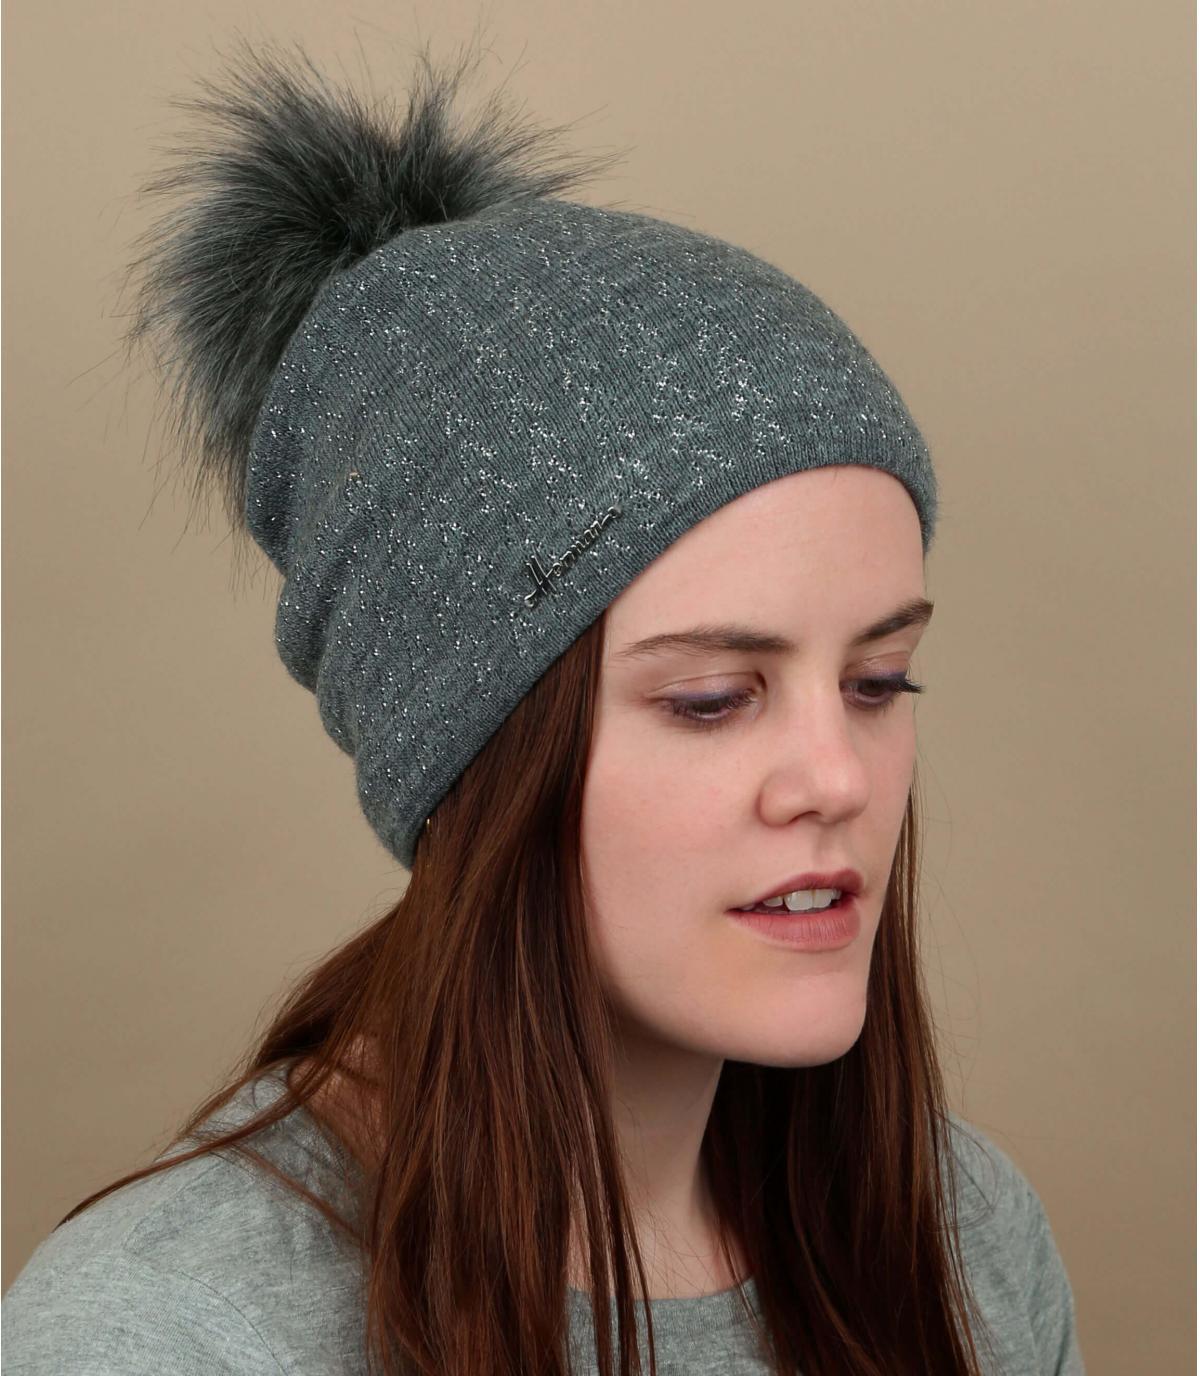 cappello pompon grigio scintillante